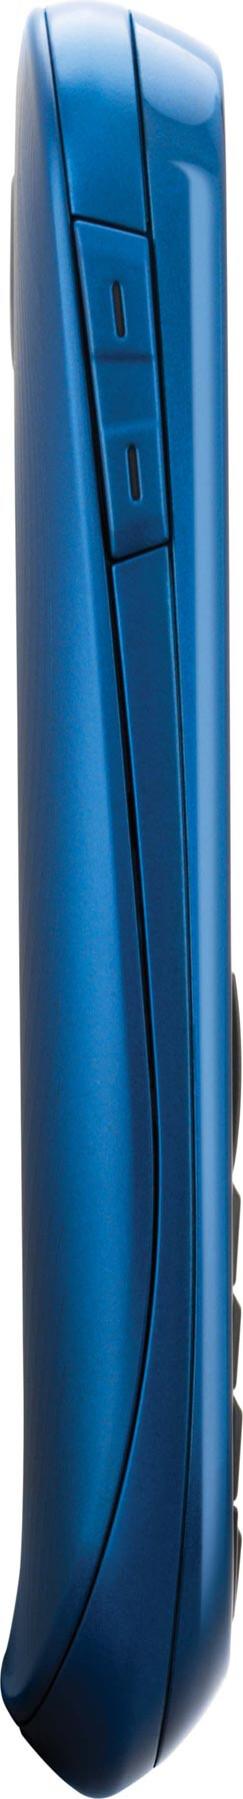 Samsung SGH-A187